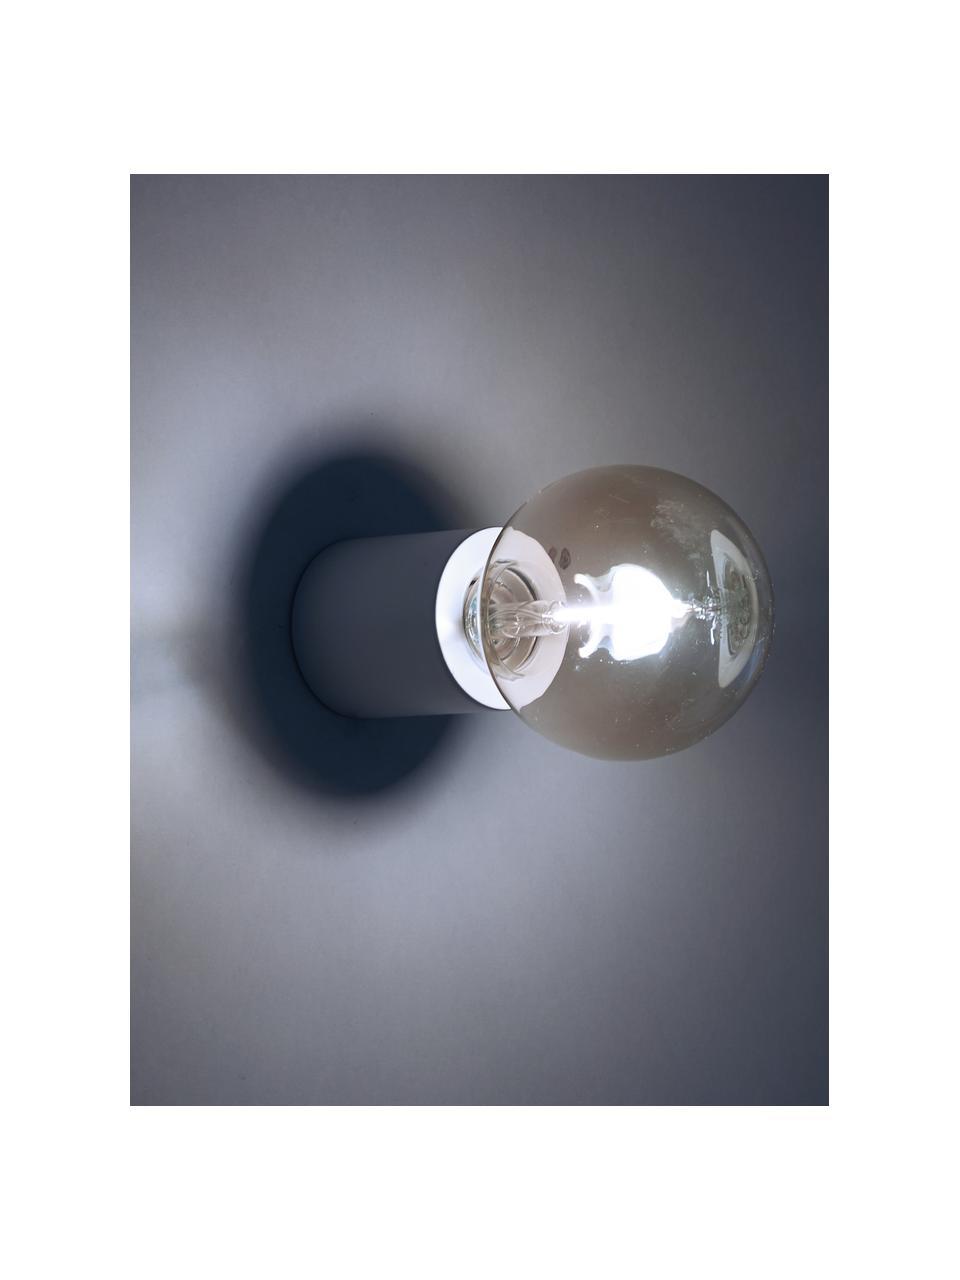 Kinkiet/lampa sufitowa Chanty, Biały, matowy, Ø 6 cm